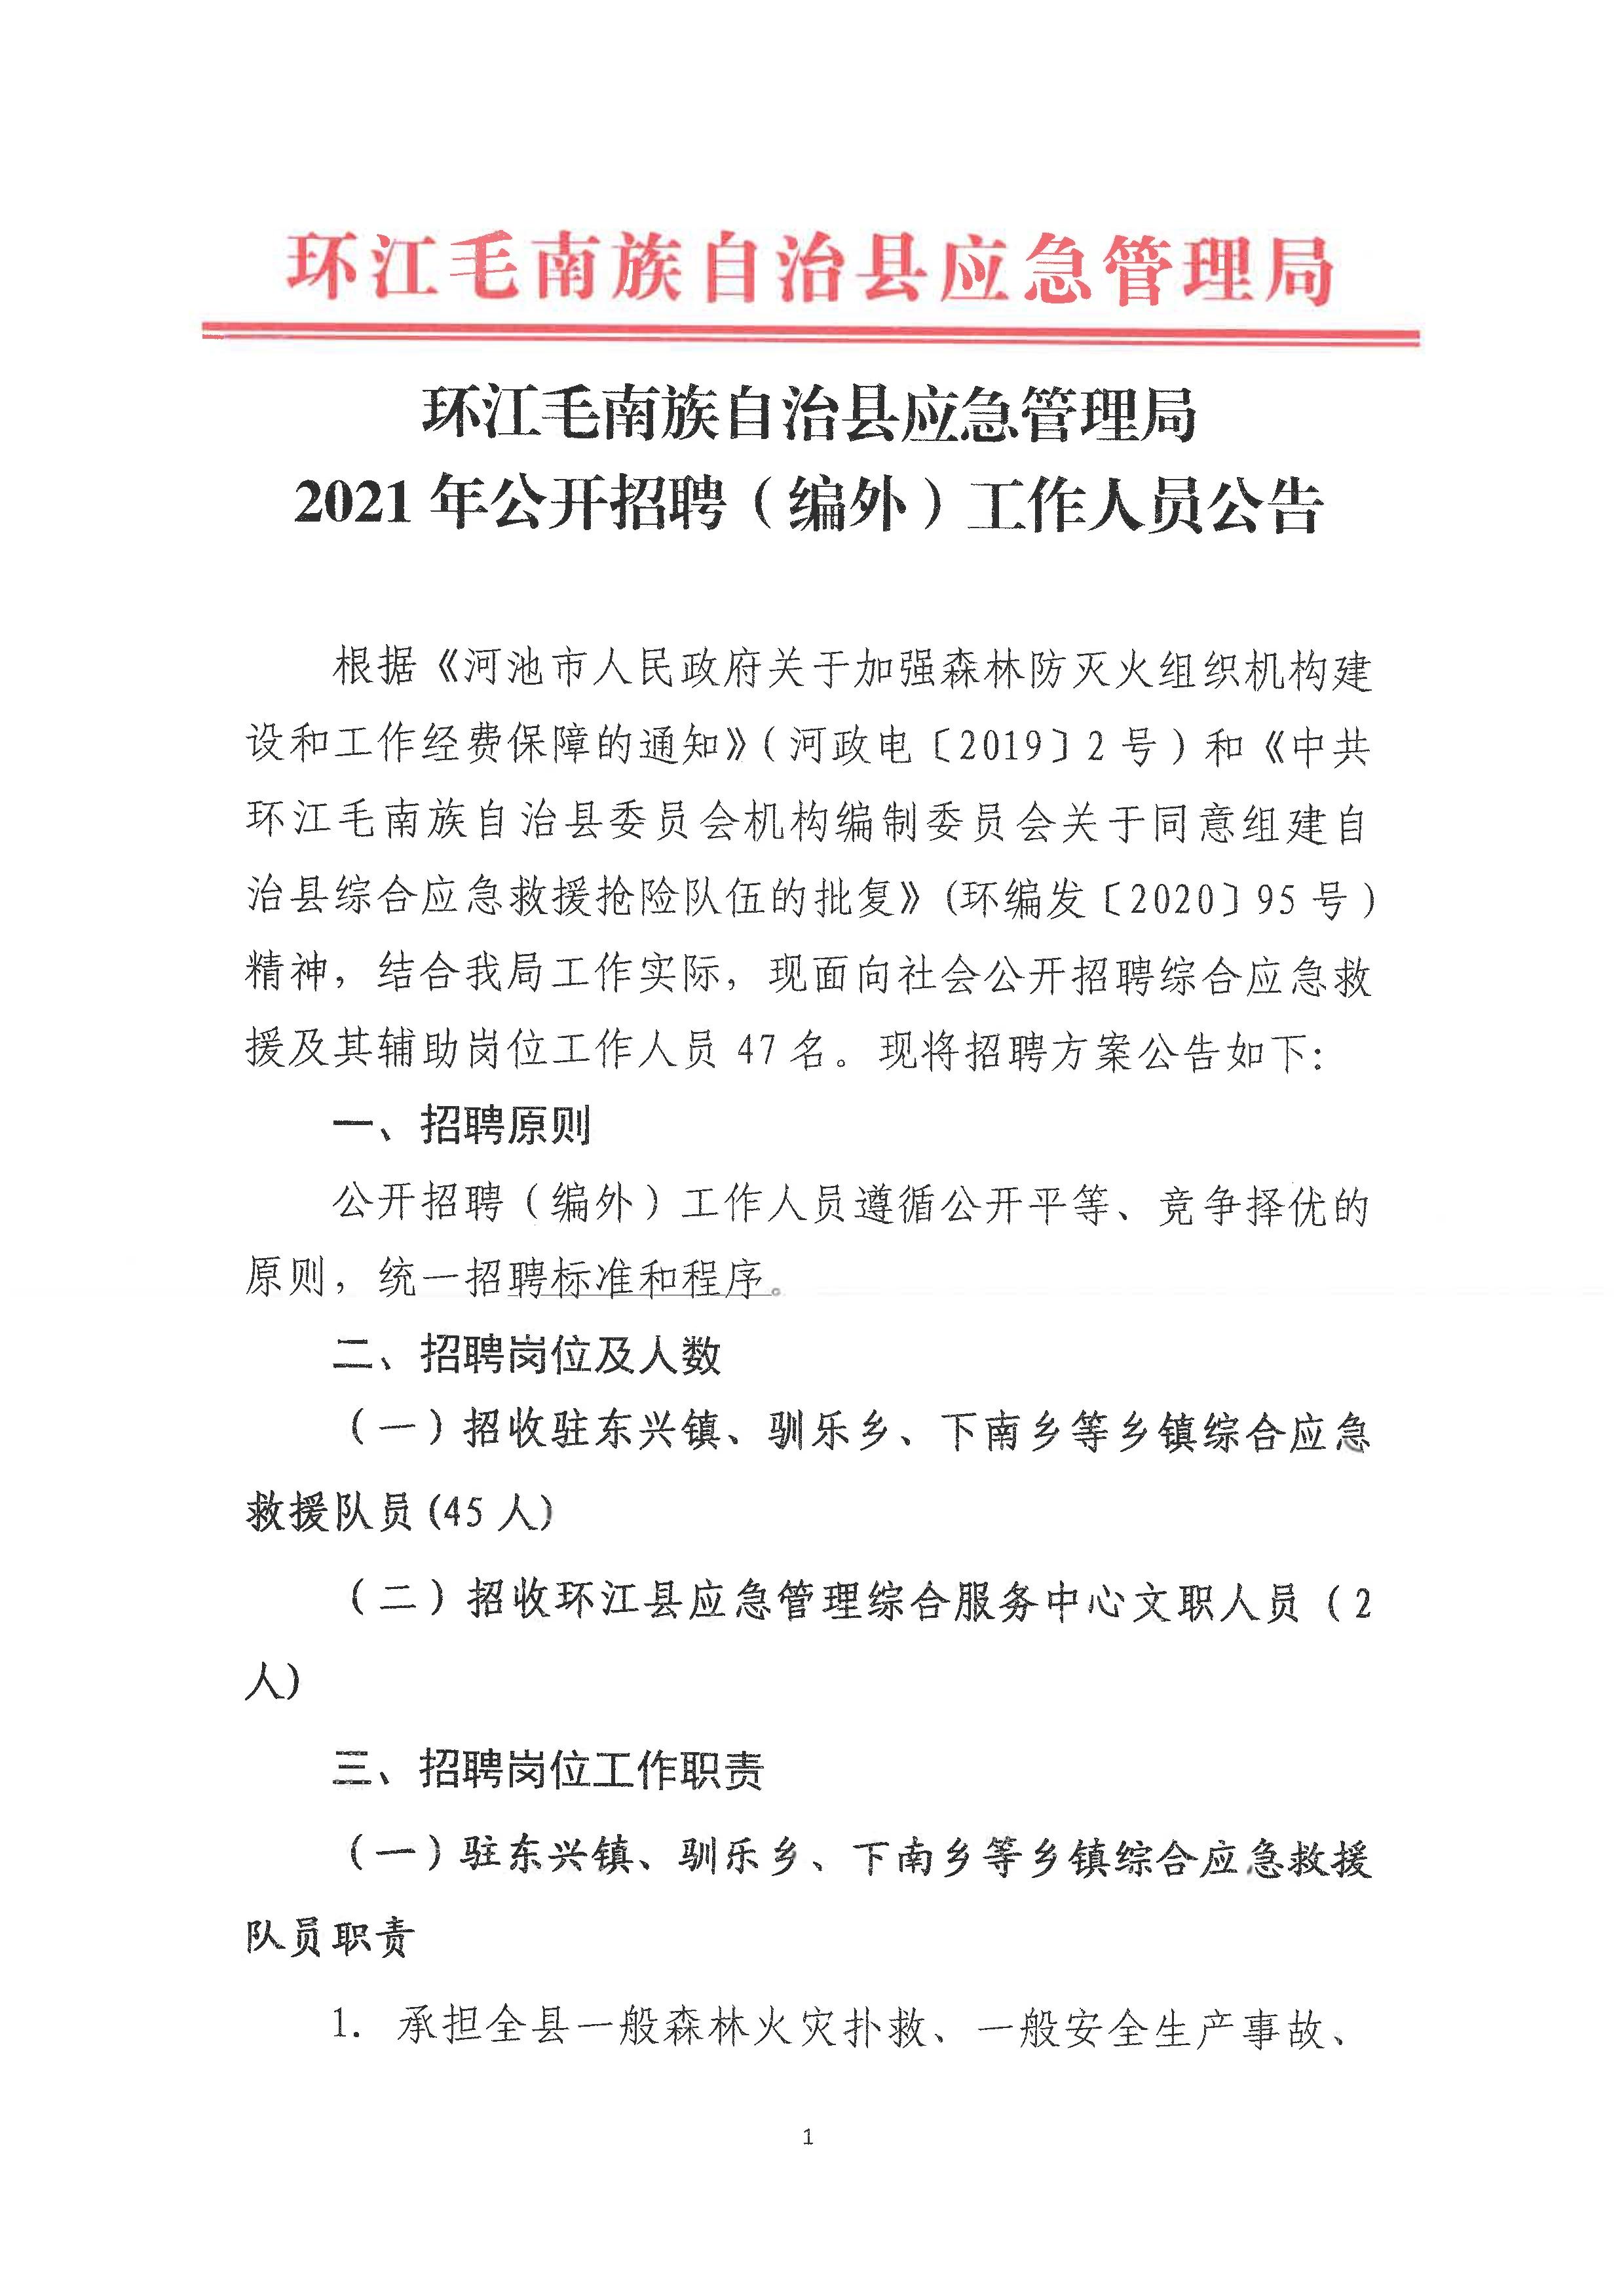 2021年河池市环江毛南族自治县应急管理局招聘(编外)工作人员公告